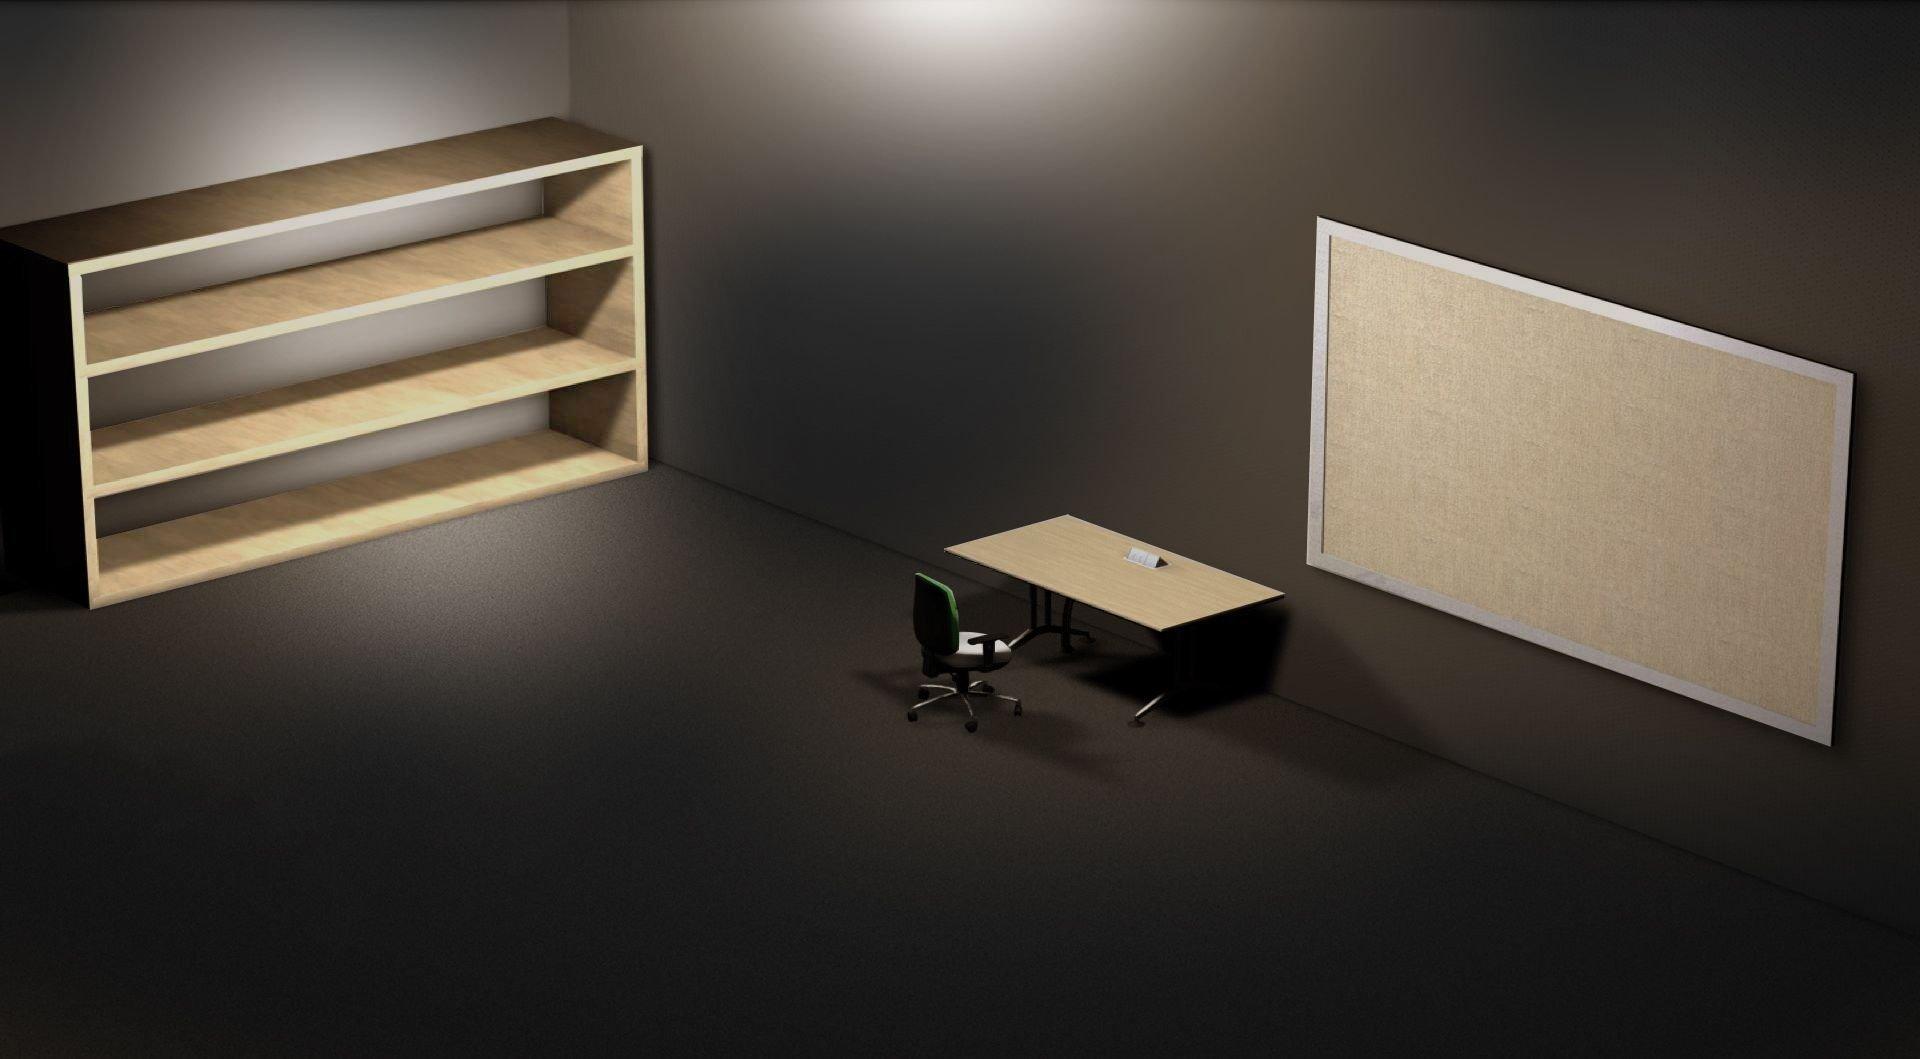 Картинки для рабочего стола полка и компьютер